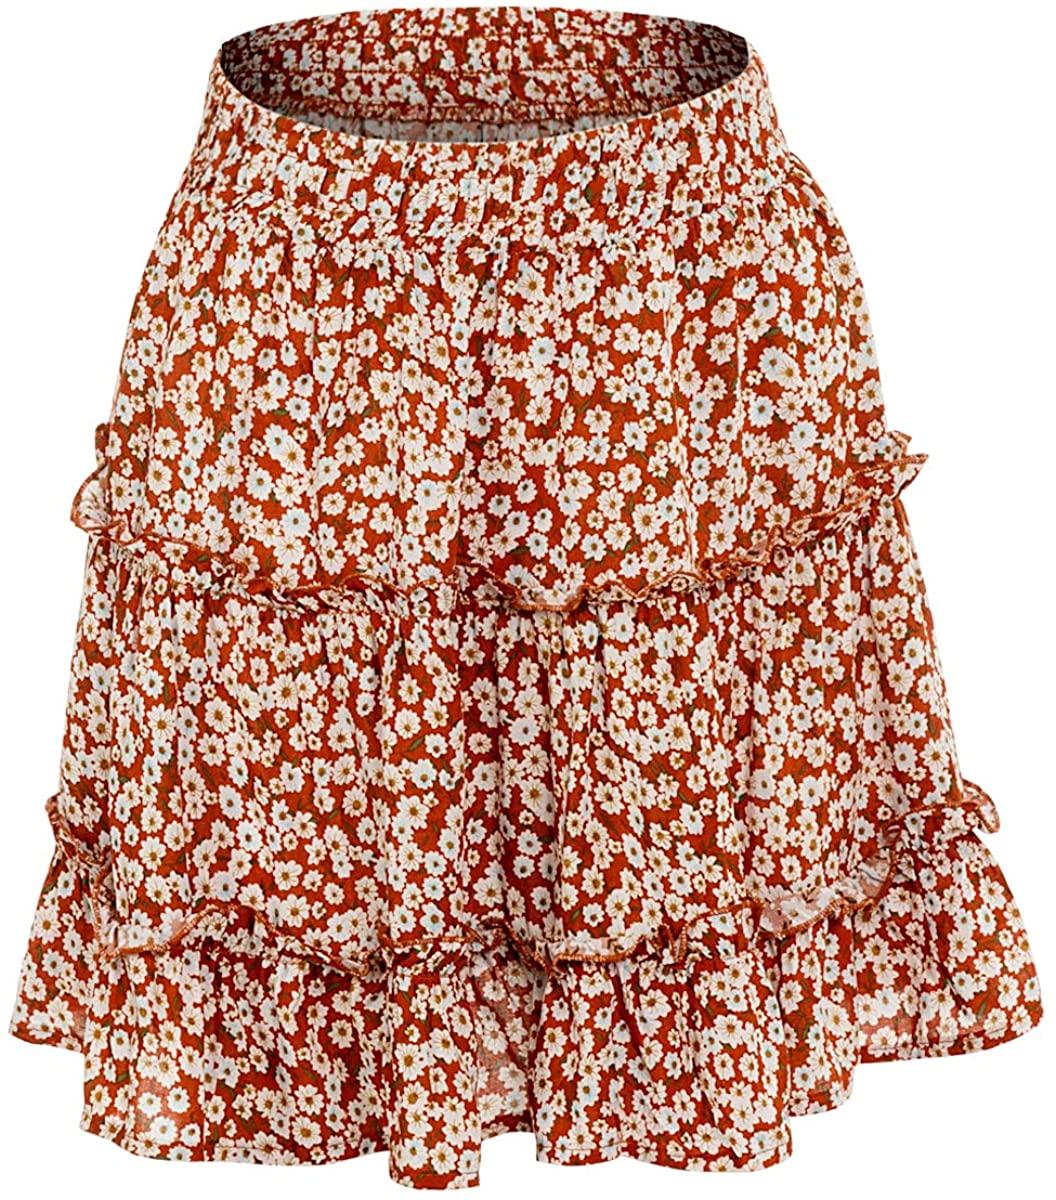 Alcea Rosea Women's Mini Skirt Ruffle Frill Wrap Stretch Waist Skirt Beach Short Skirt